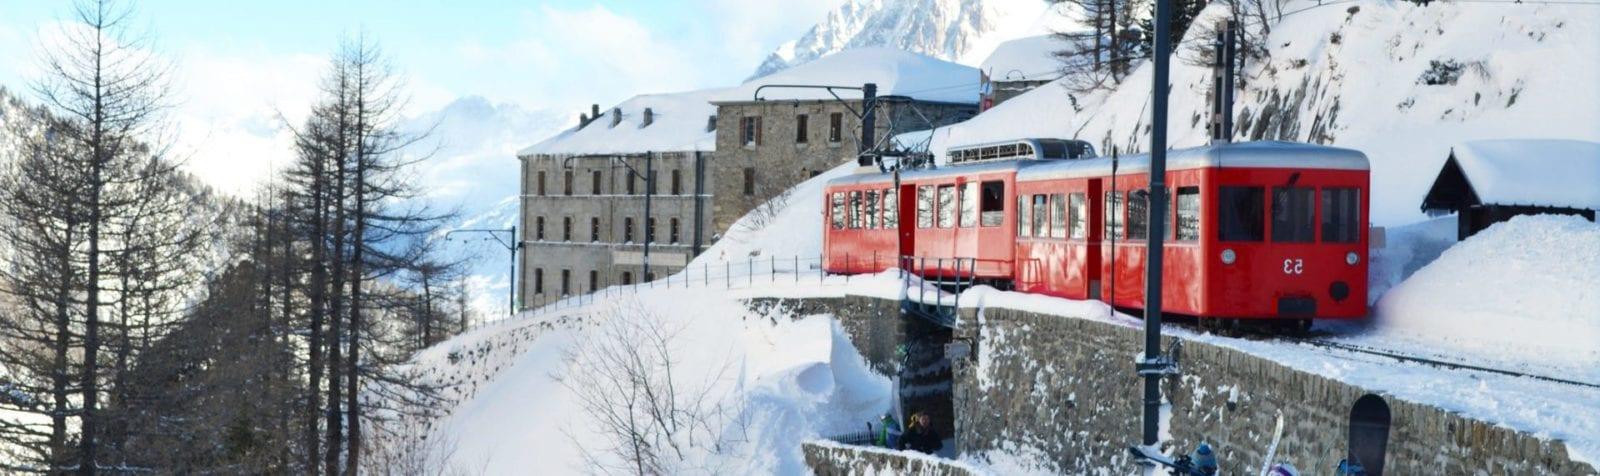 Comment se rendre de Genève à Chamonix. Transport simple en navette de l'aéroport à votre destination